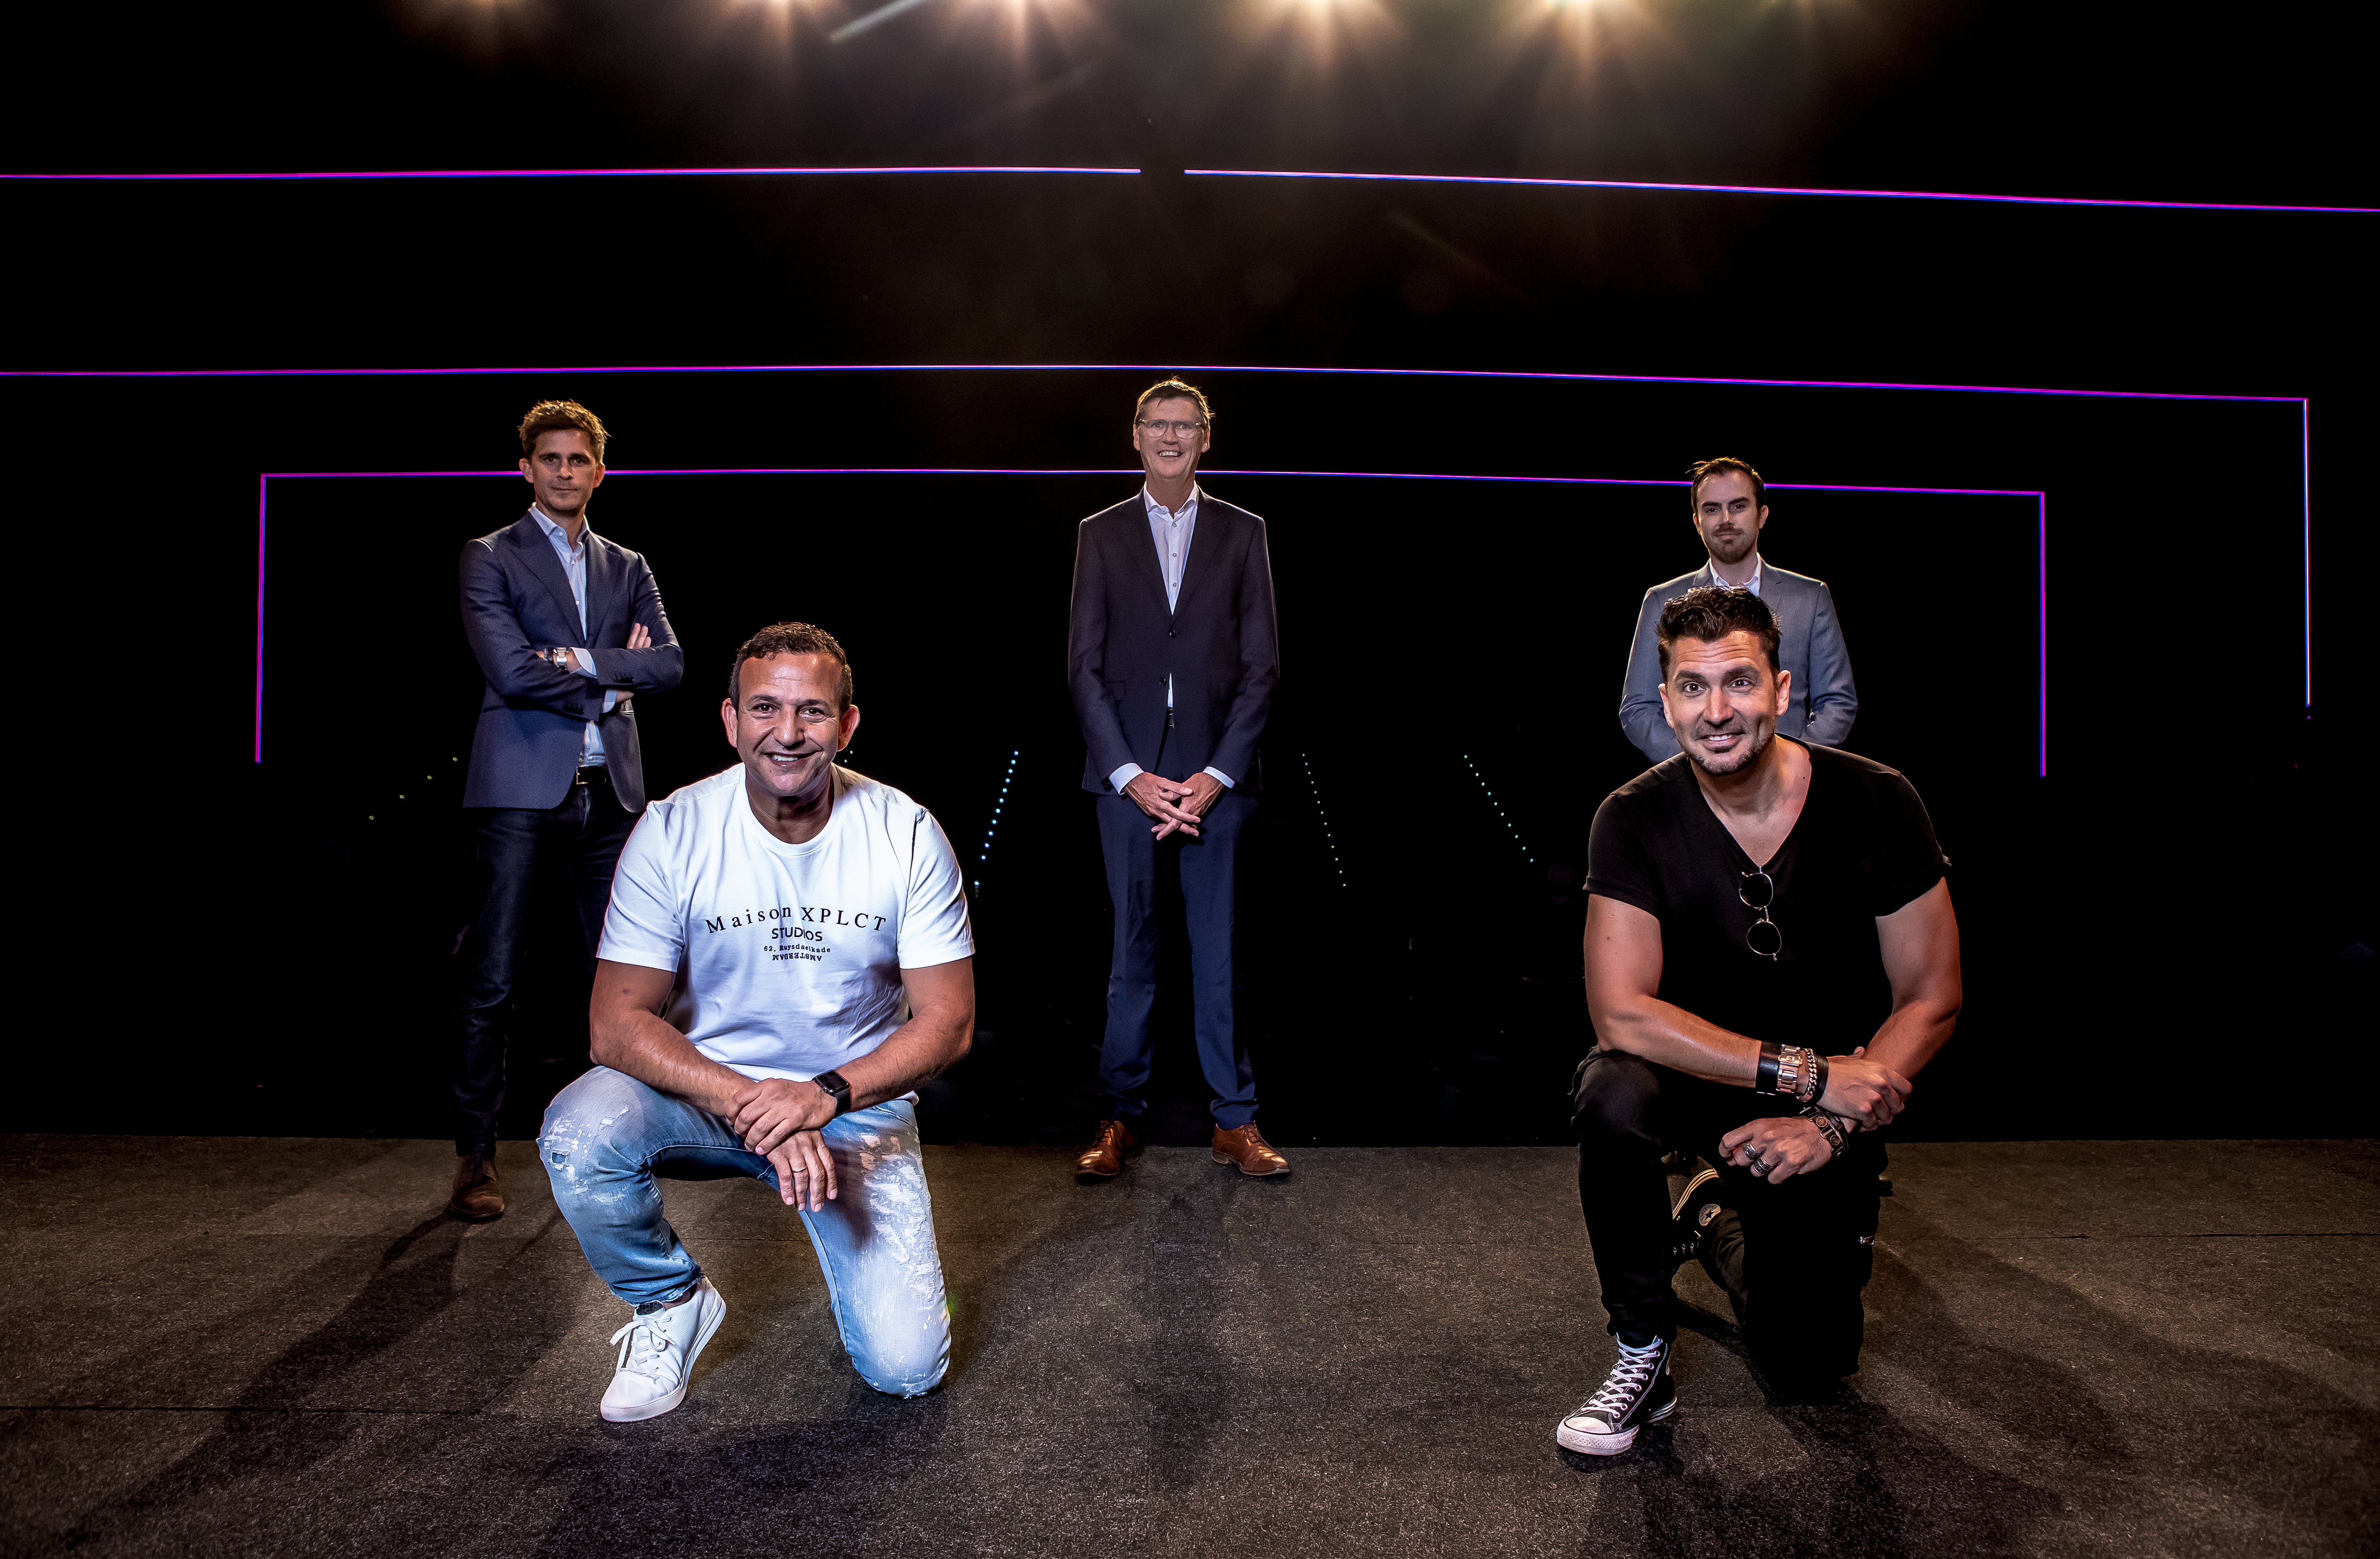 Een foto van een groep mensen bij de presentatie van Main Stage